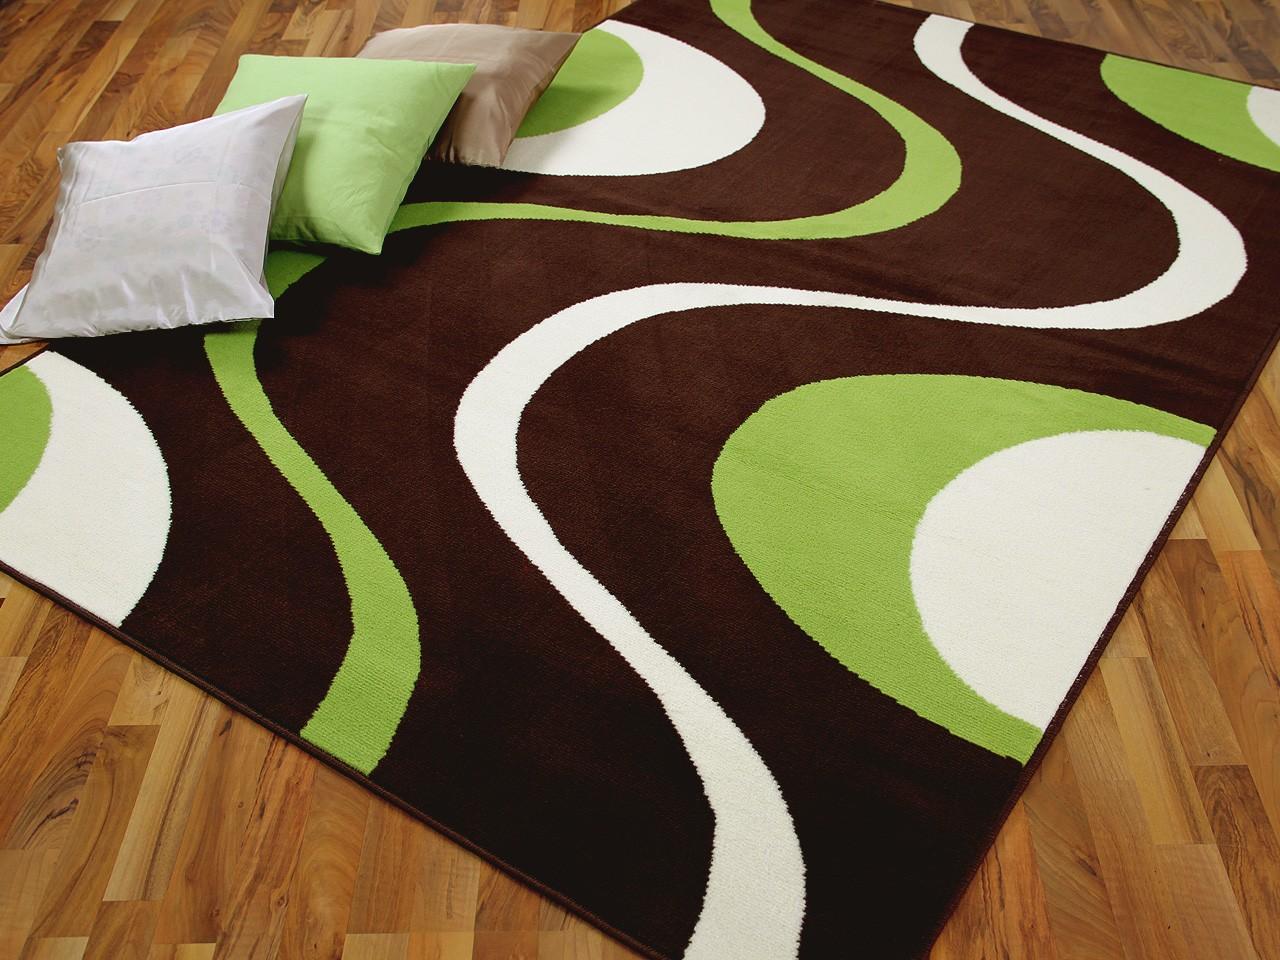 Bei teppichversand24 günstige Designerteppiche, Designerteppich ...